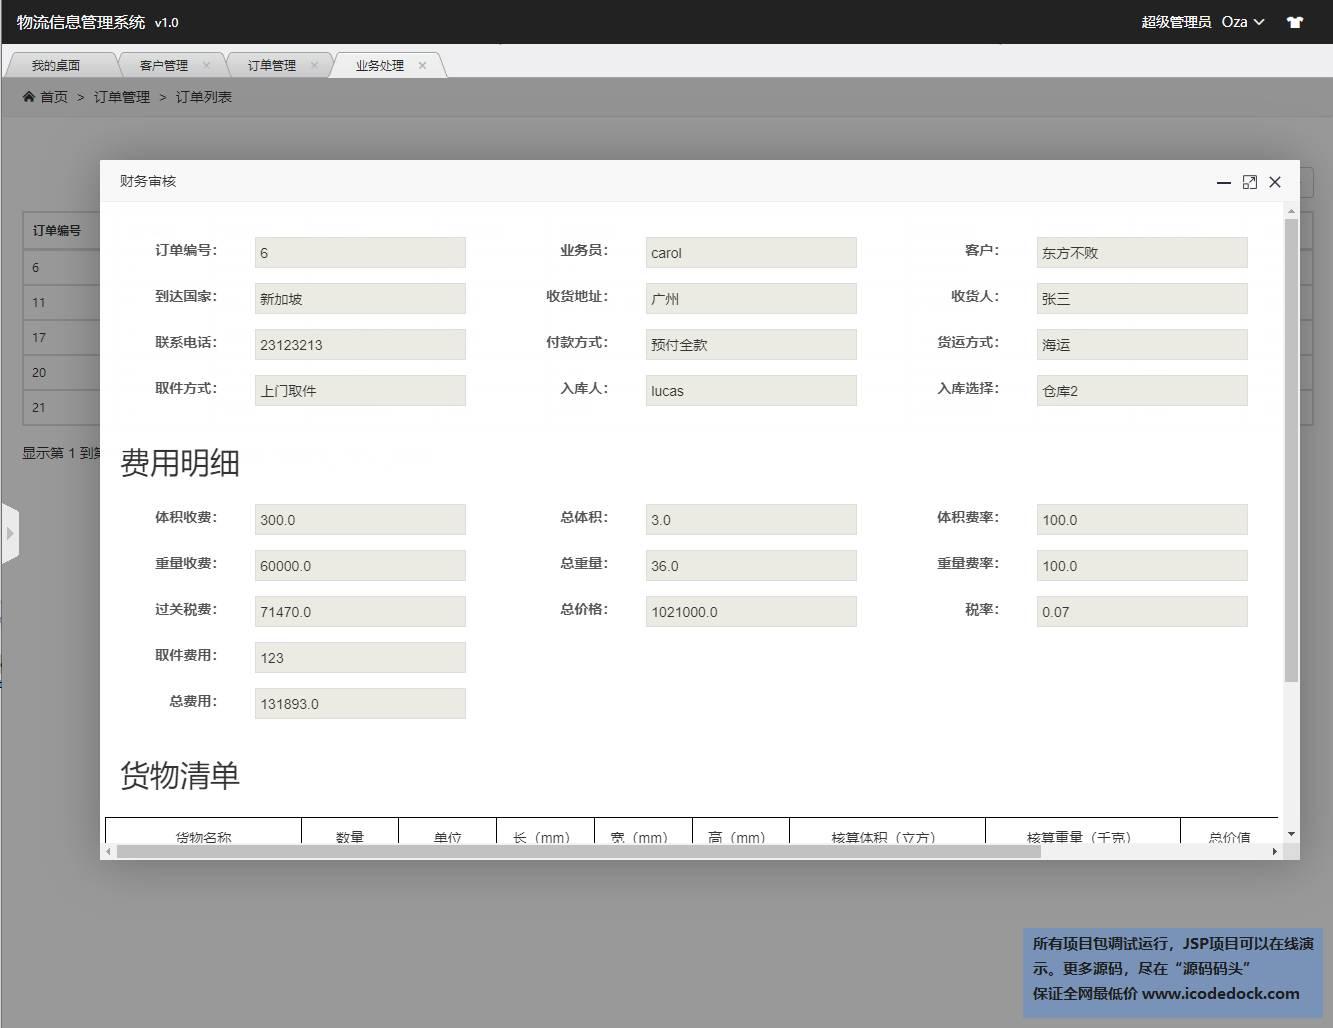 源码码头-SSM快递物流管理系统-管理员操作-审核财务单